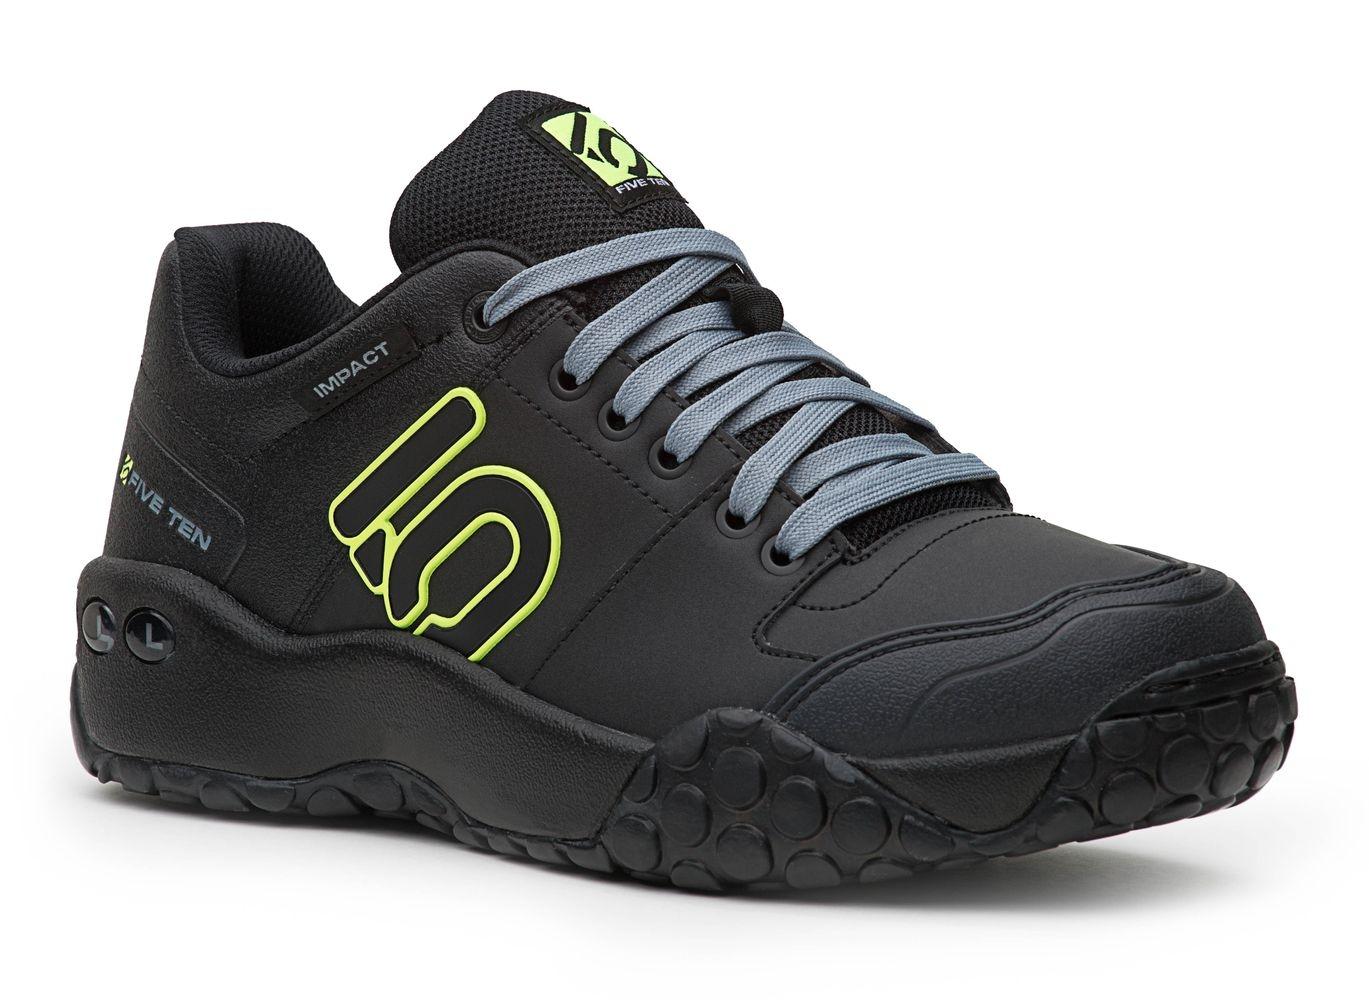 Chaussures VTT Five Ten Impact Sam Hill 3 Hill Streak - UK-9.0 (43.0)